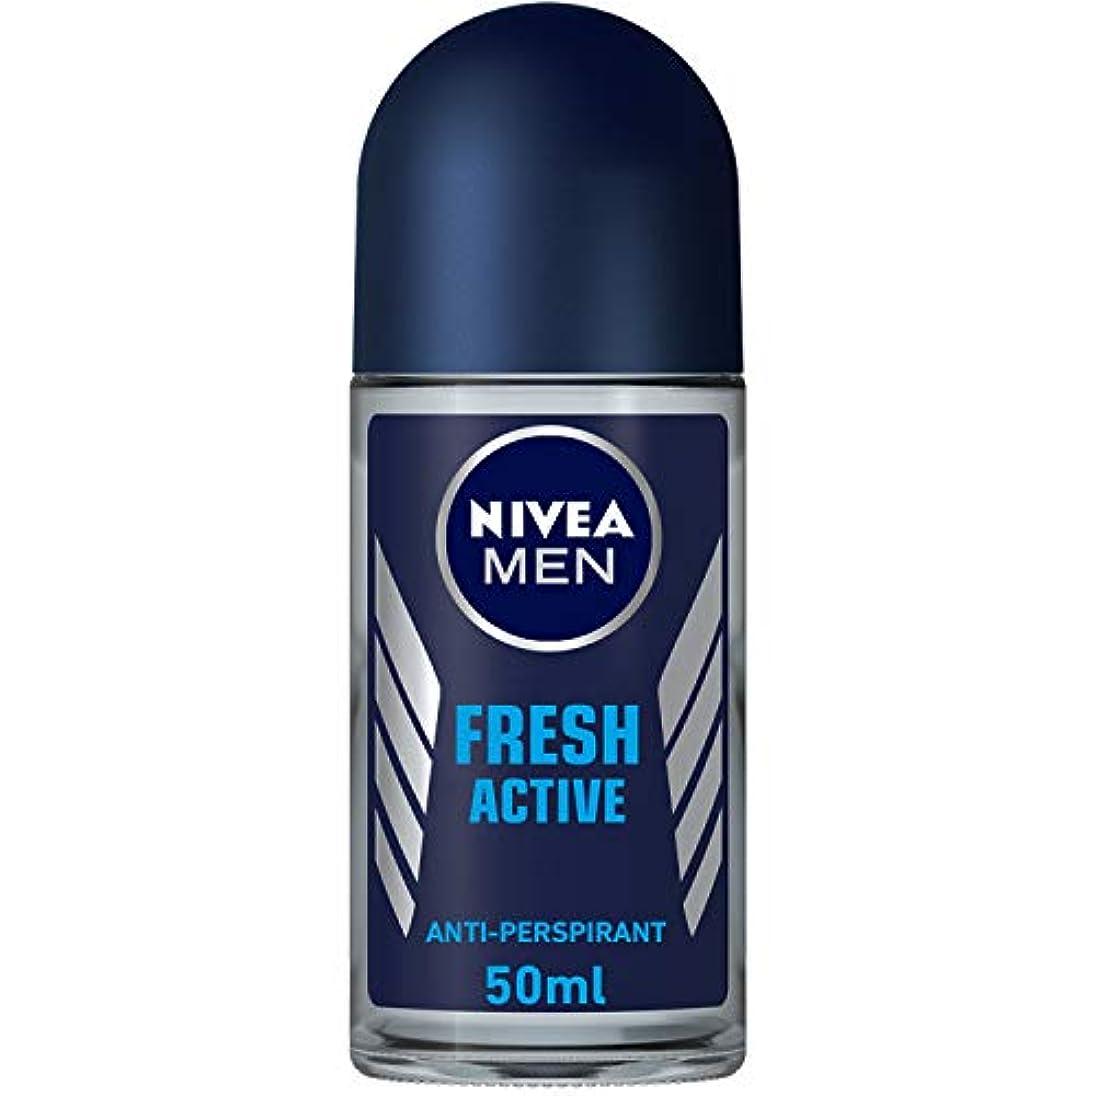 舗装聡明警官NIVEA Men Brazil ブラジル製 ニベア メン ロールオンデオドラント フレッシュアクティブ Fresh Active 50ml